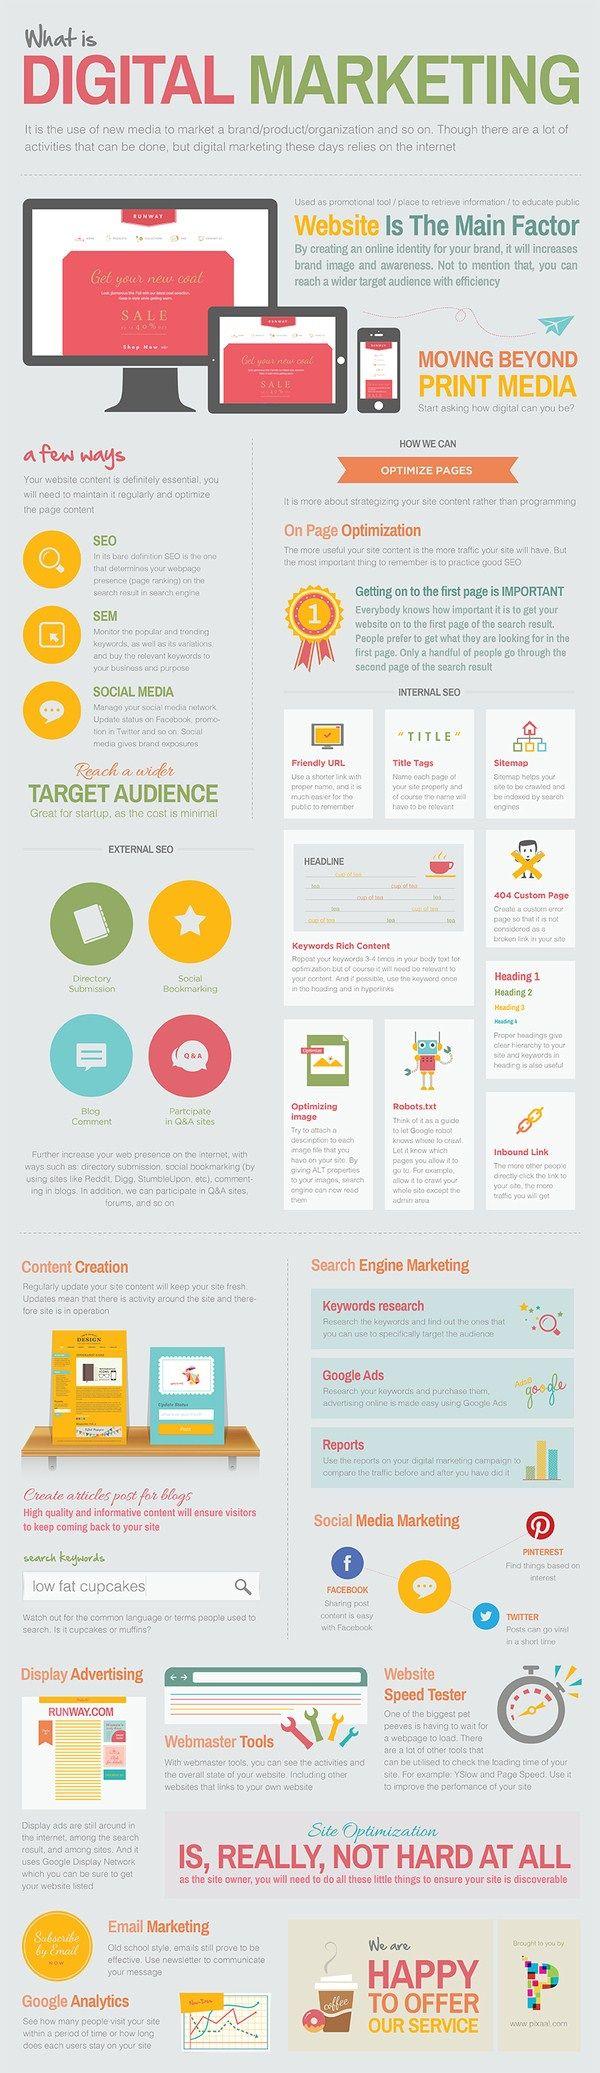 Alla delar är viktiga inom digital marknadsföring - seo/sem, sociala medier, bloggar, webbplatsen, E-mailmarknadsföring, service etc.